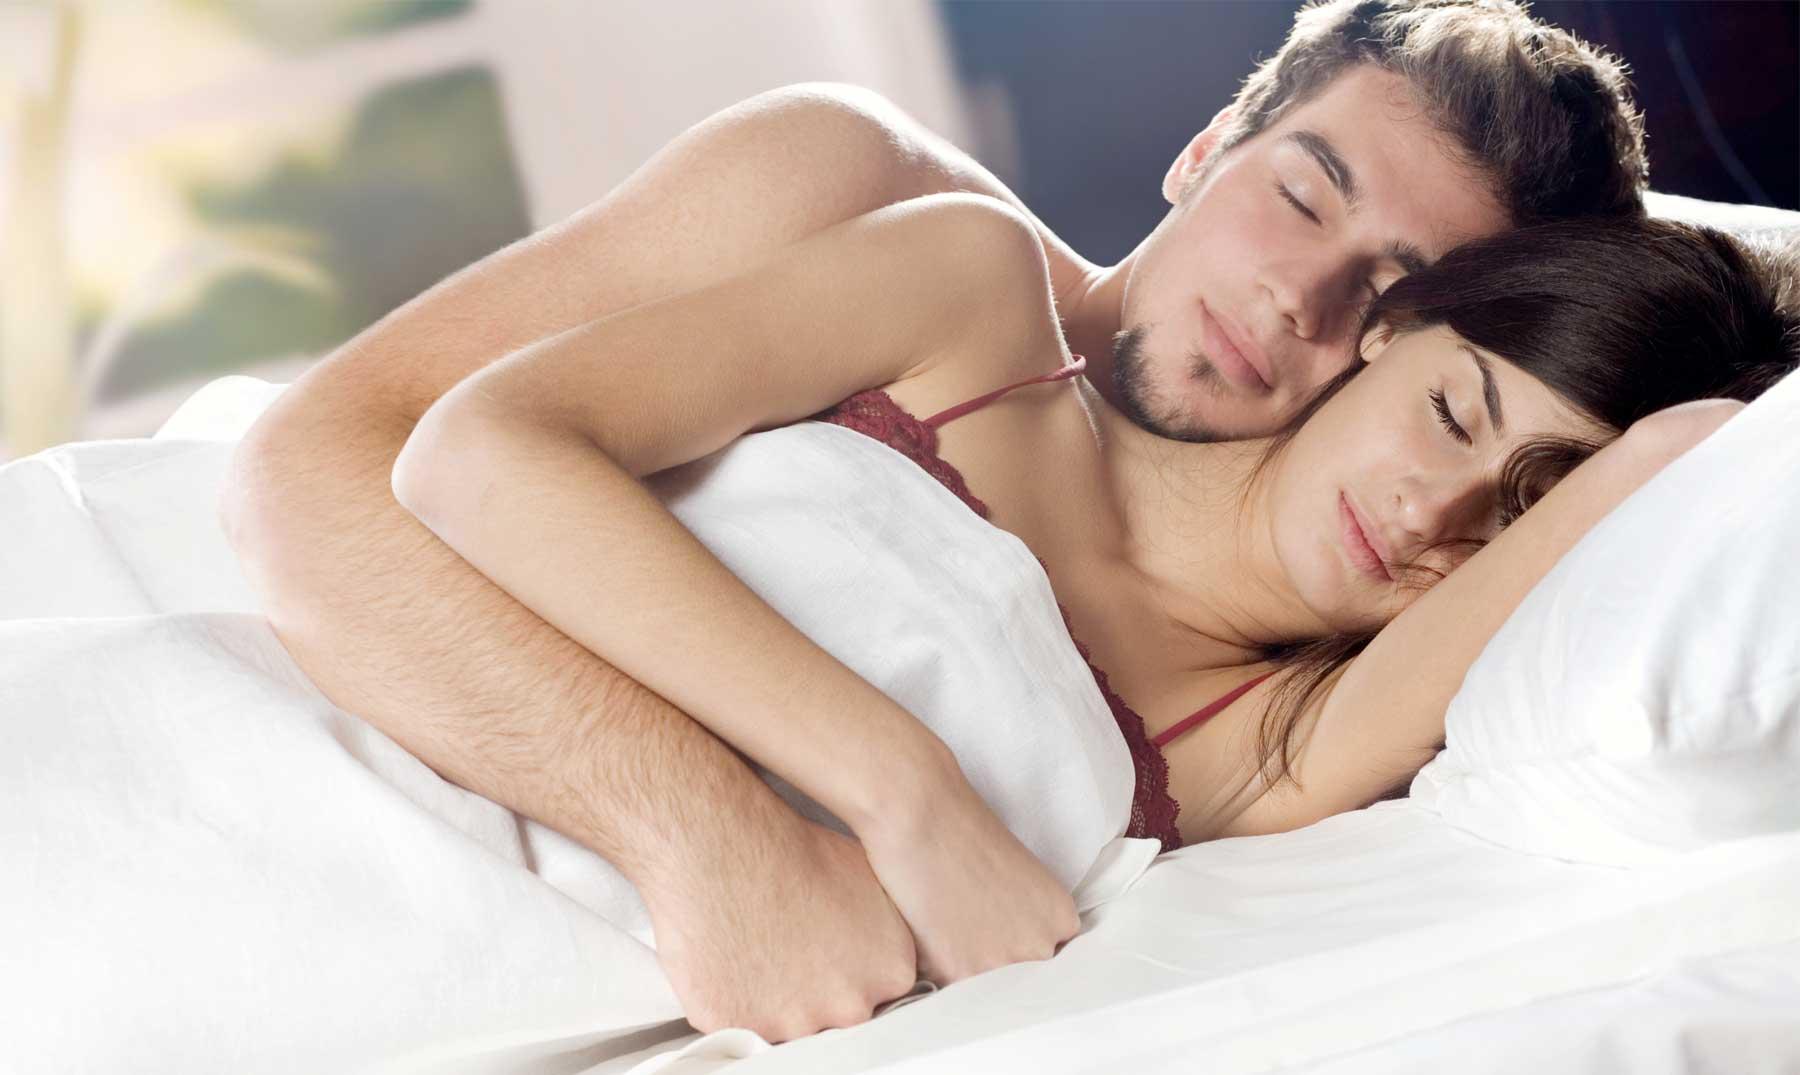 ¿Cómo duermes con tu pareja? La postura define tu relación